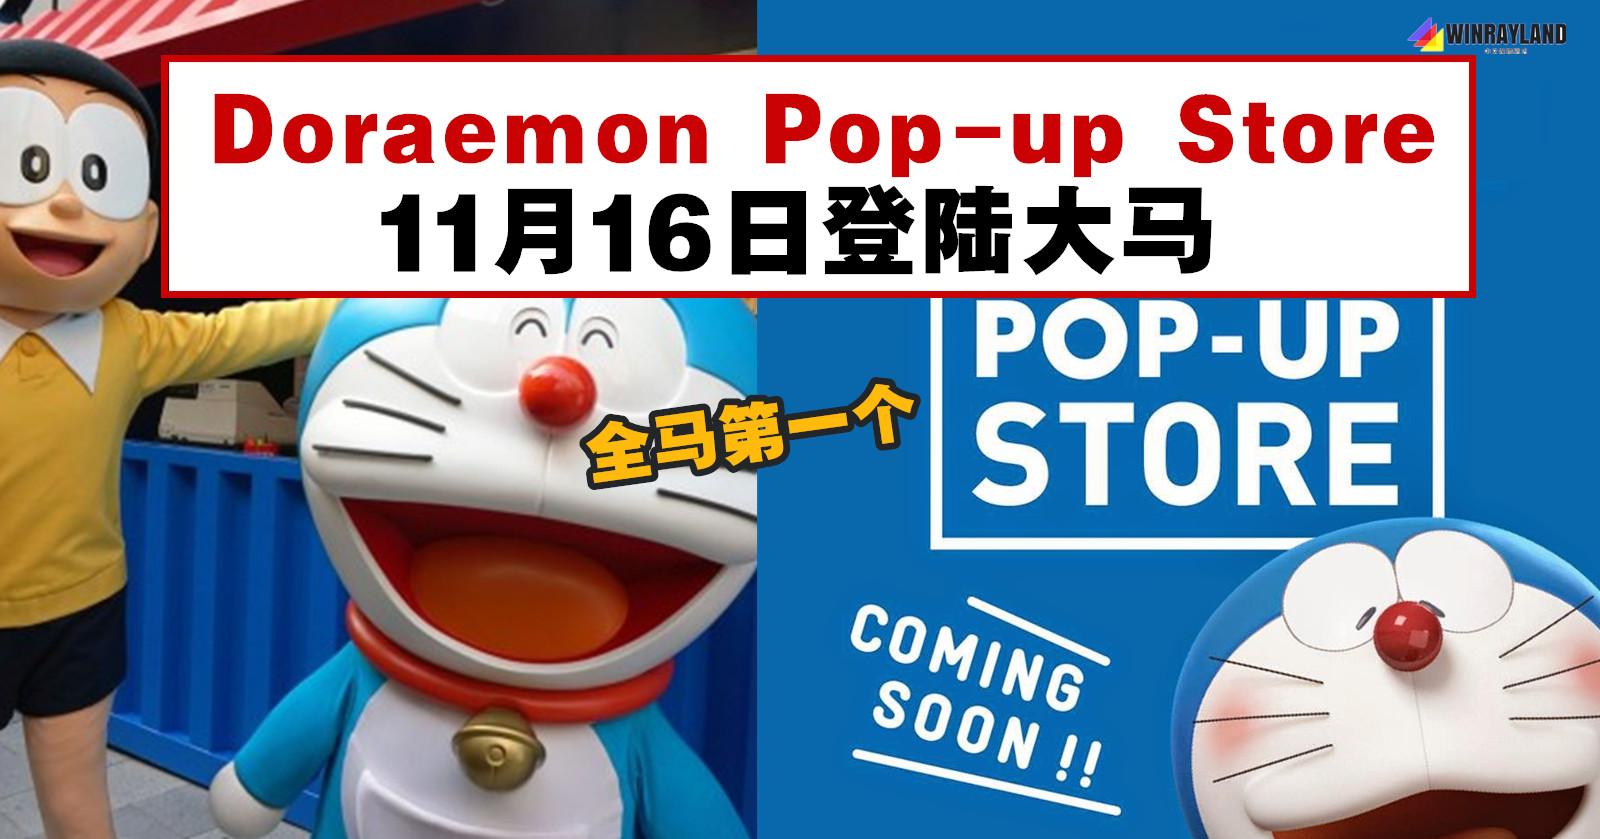 全马首个Doraemon Pop-up Store,11月16日登陆大马